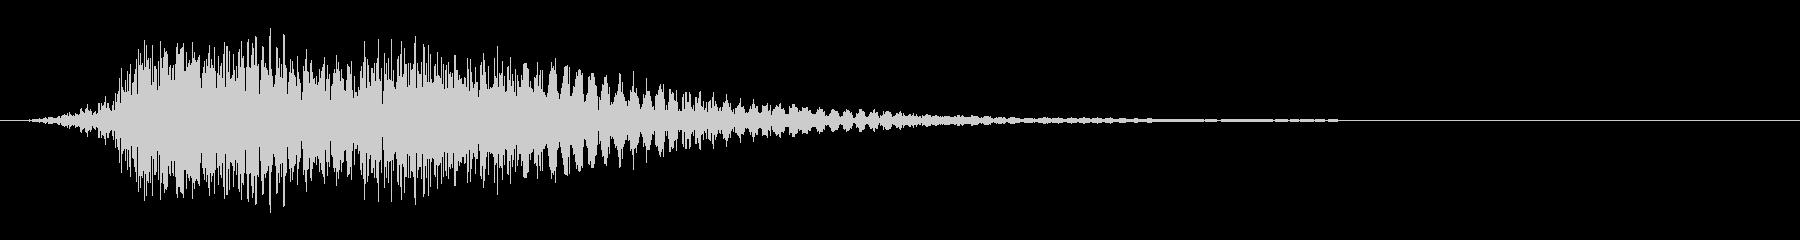 フゥァーン(警告音)の未再生の波形